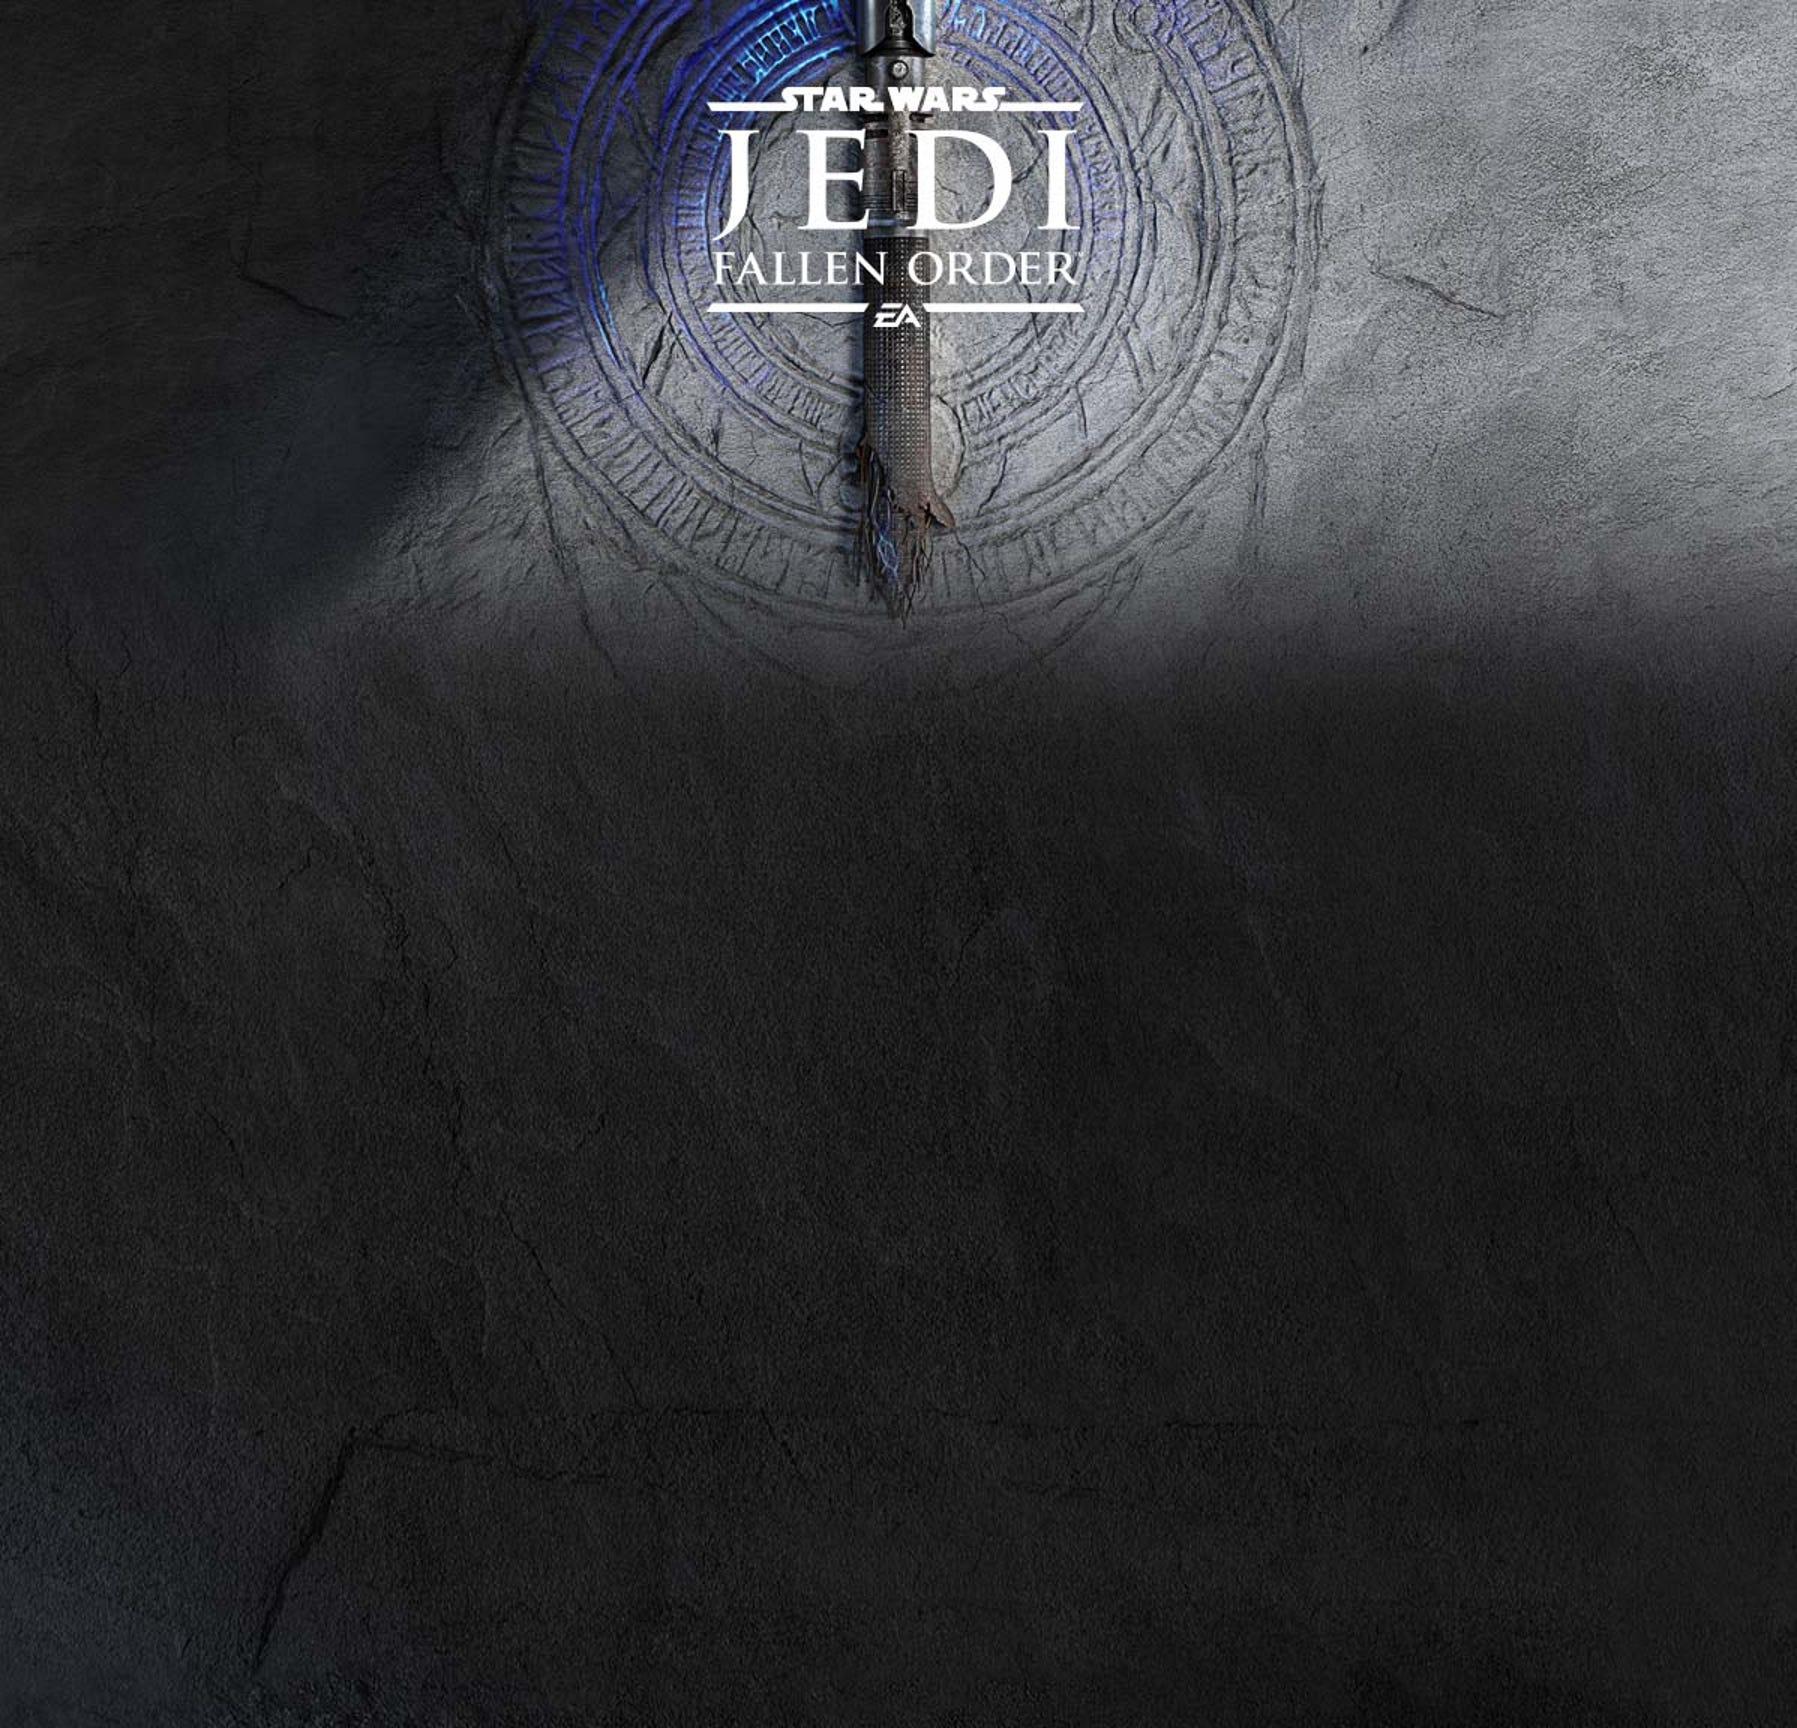 Jedi iptv